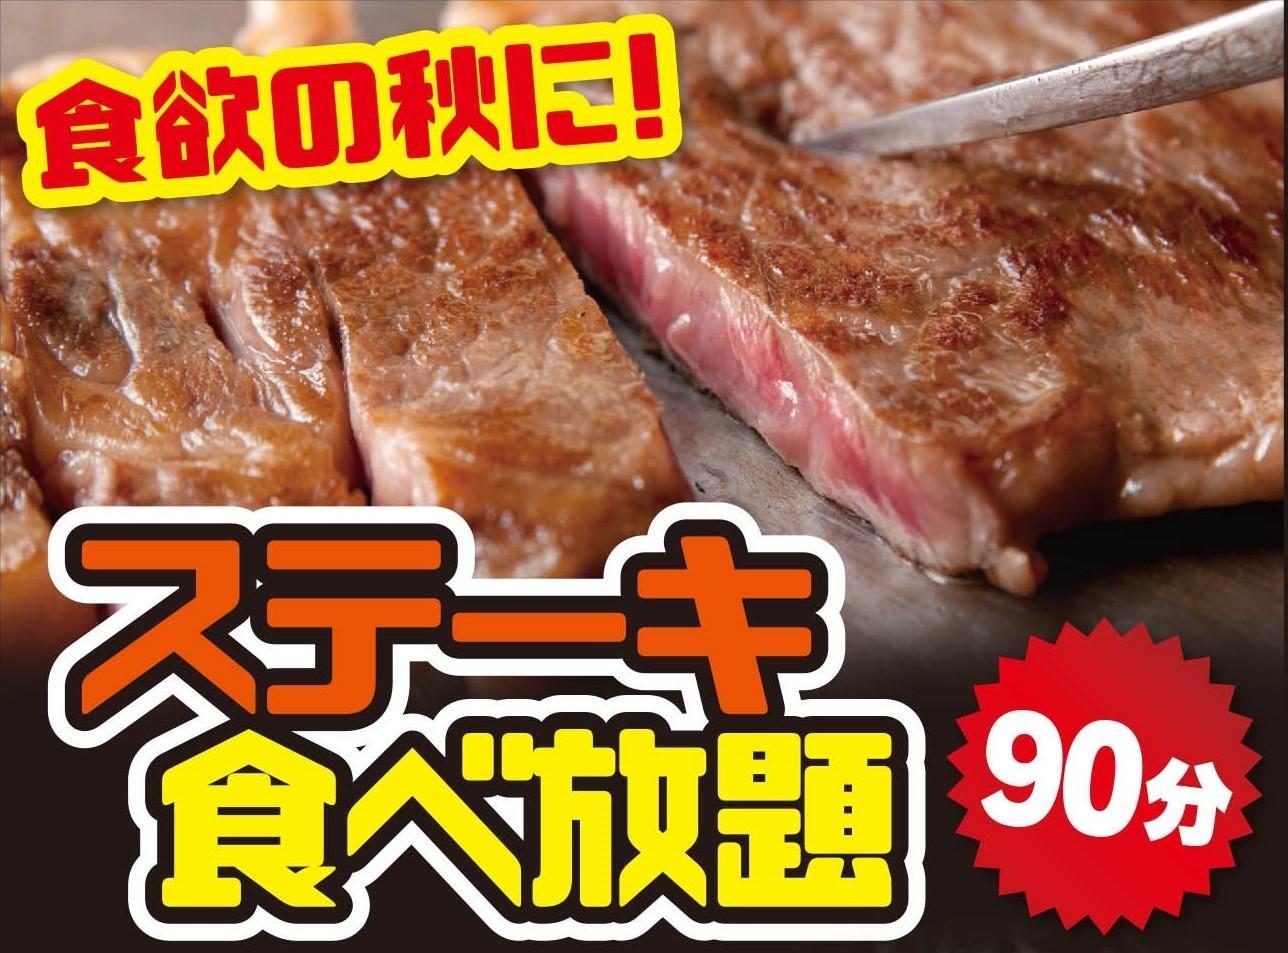 食欲の秋に!「ステーキ食べ放題」